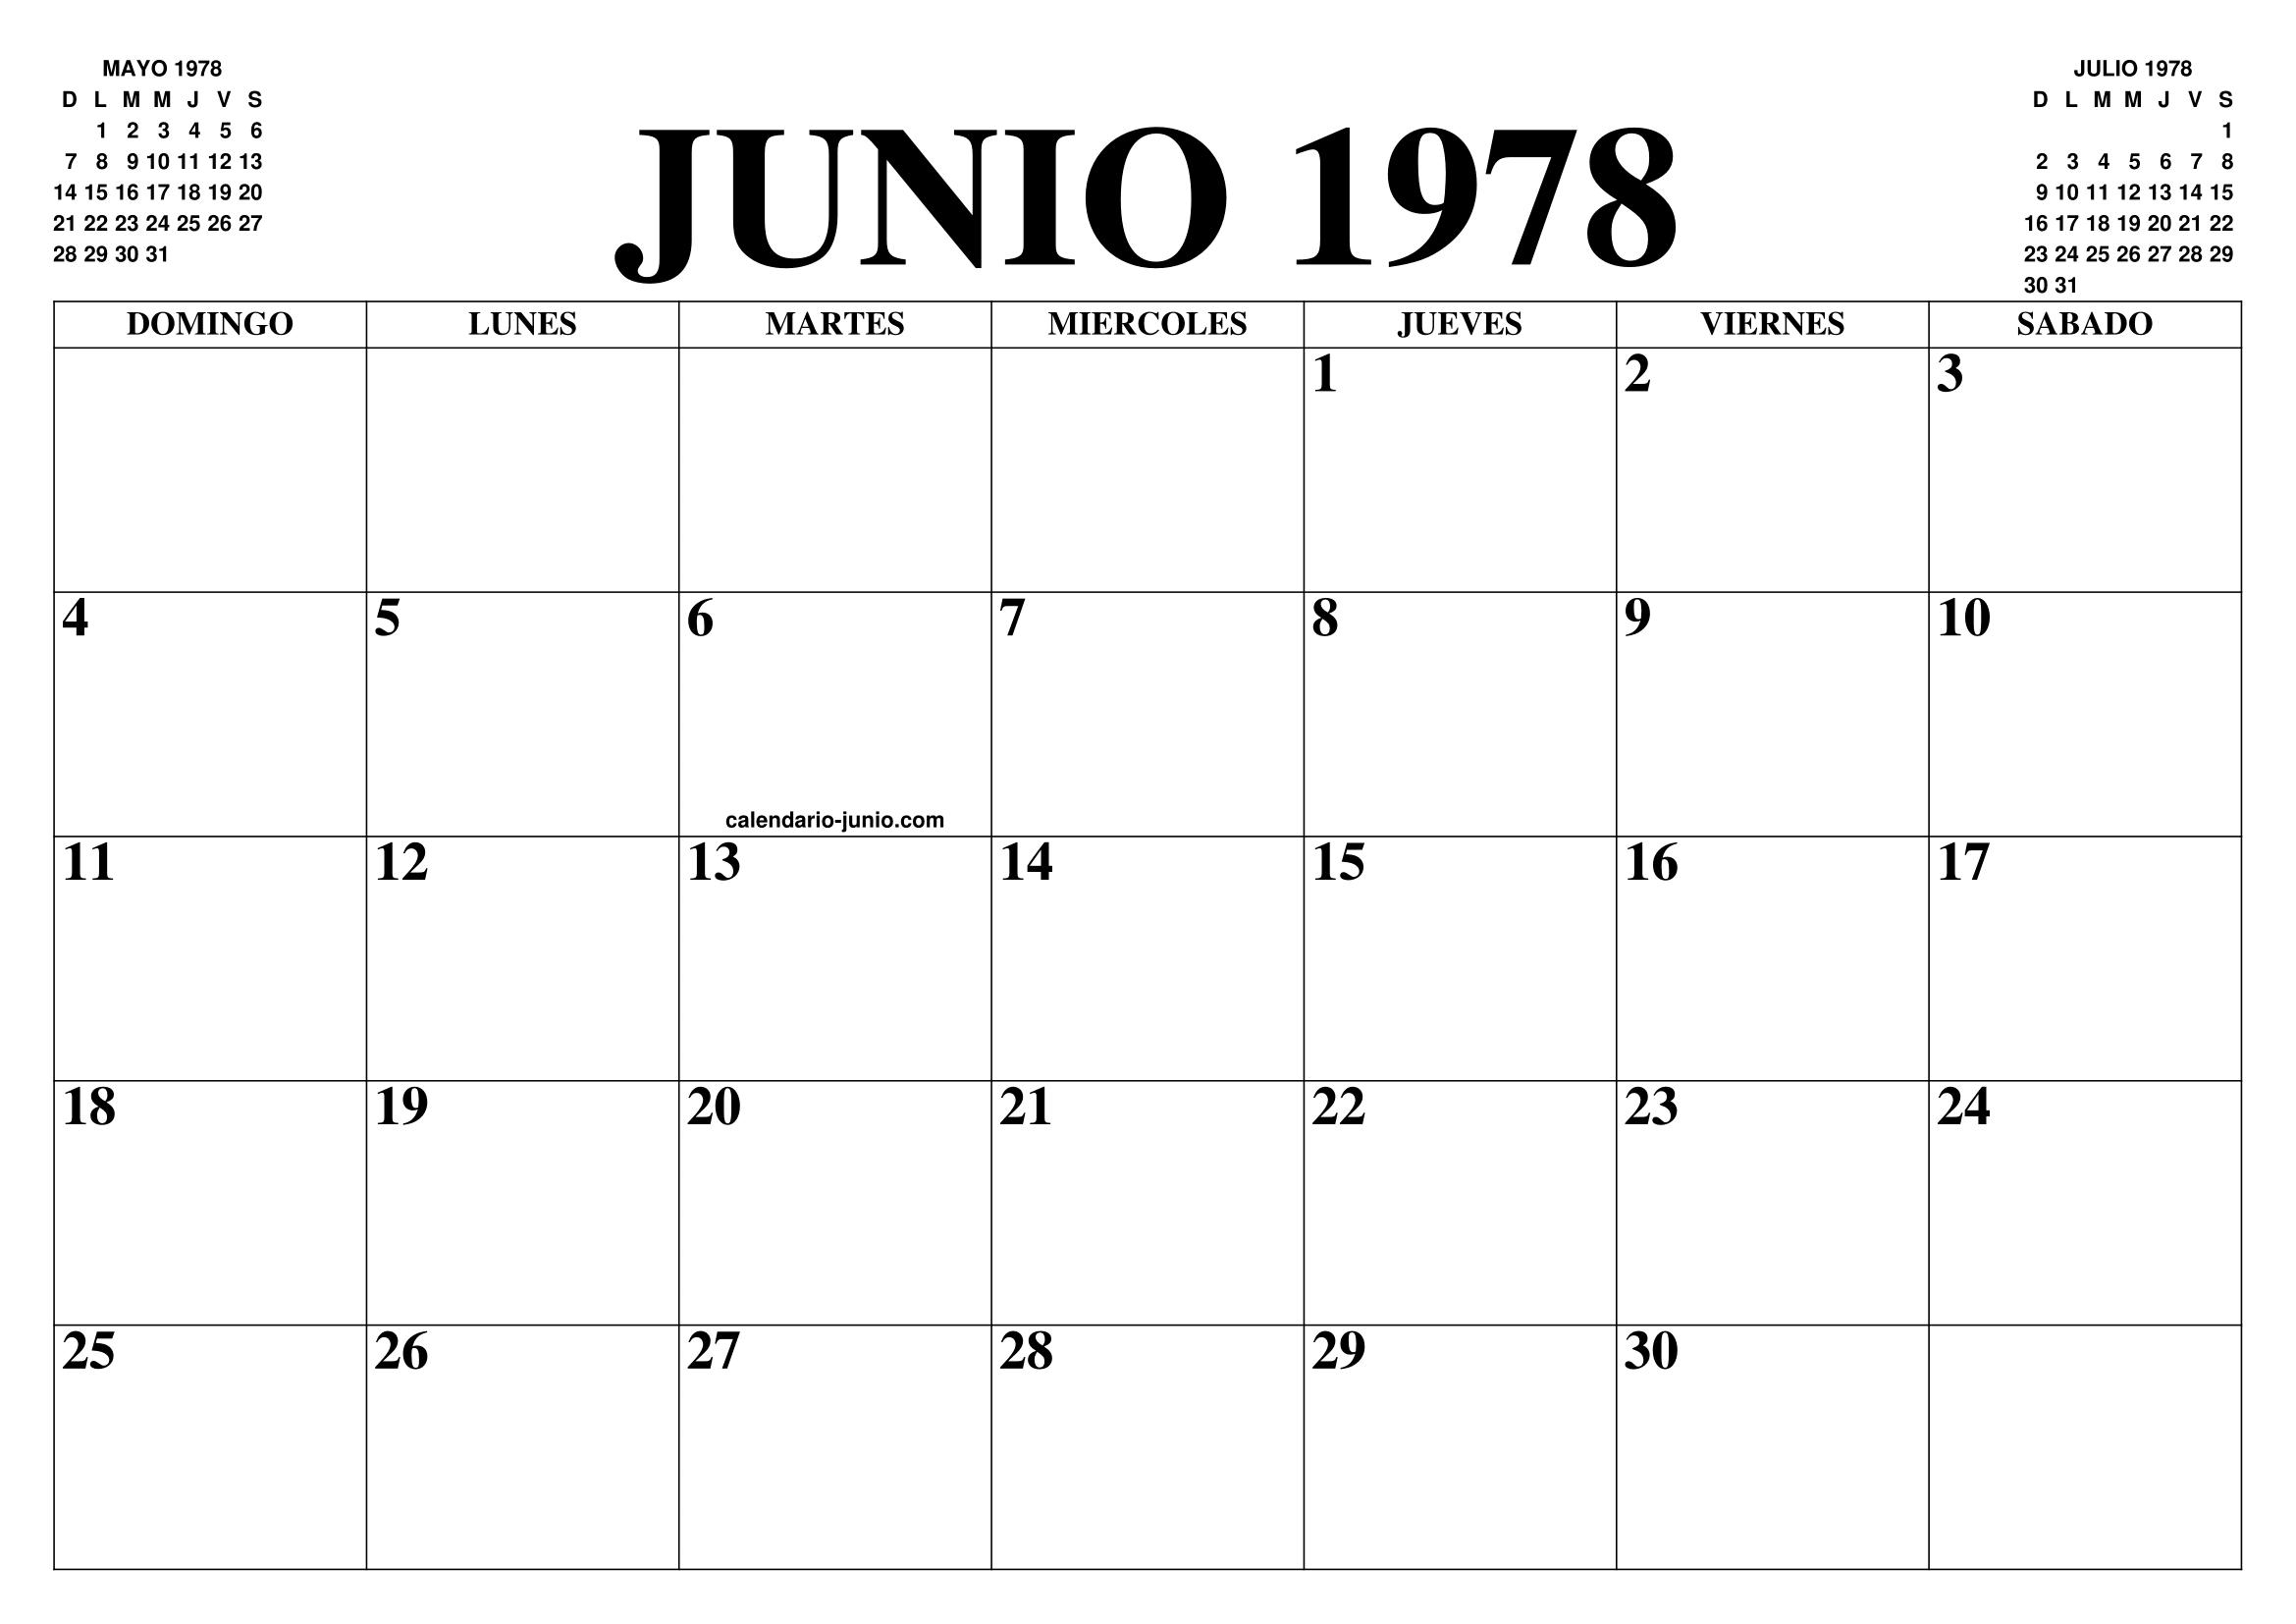 1978 Calendario.Calendario Junio 1978 El Calendario Junio Para Imprimir